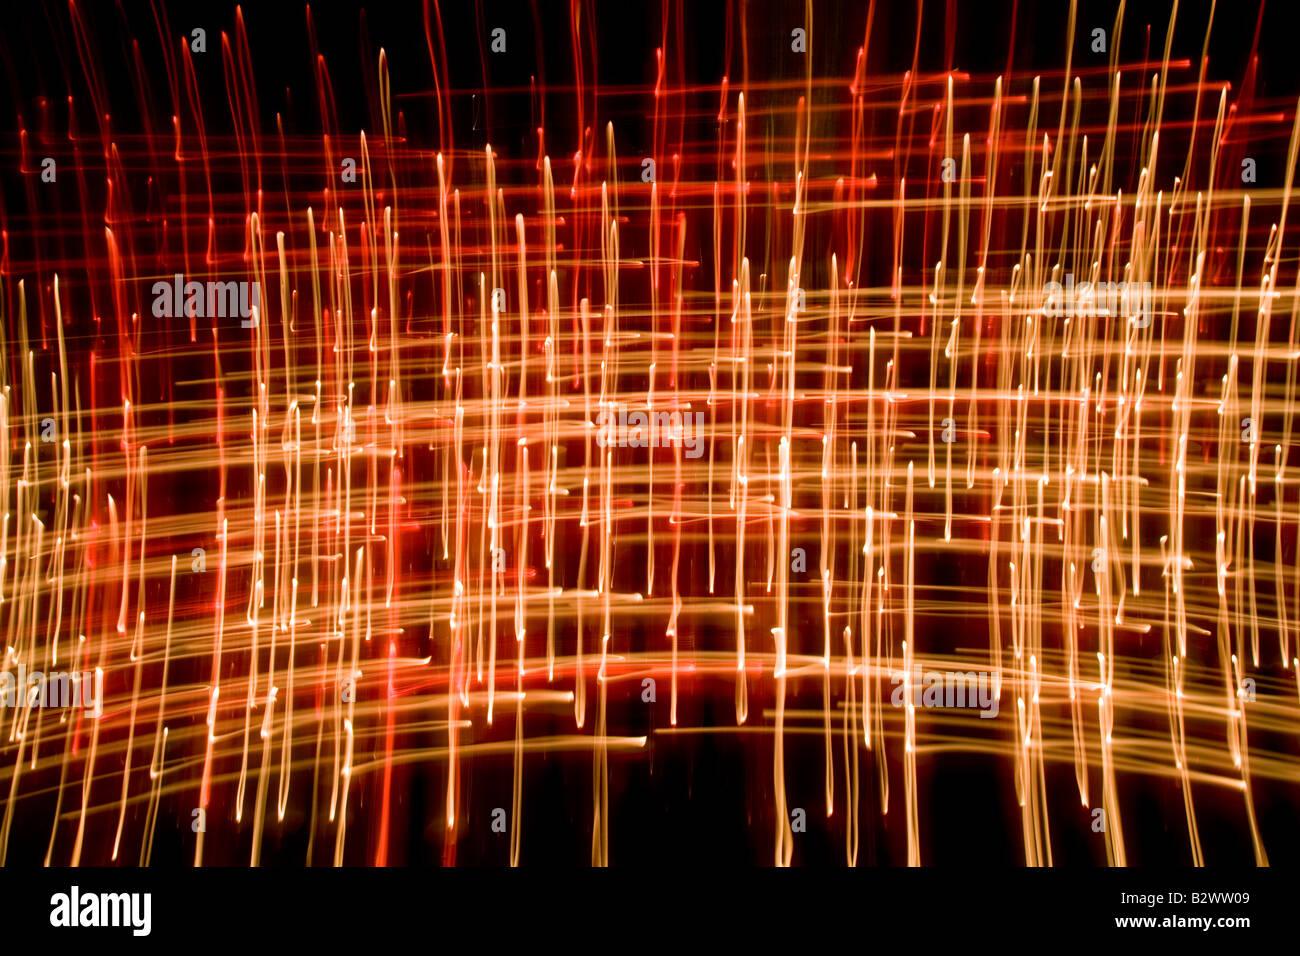 Llamas de Velas abstracto tomada con una velocidad de obturación lenta en una catedral Imagen De Stock